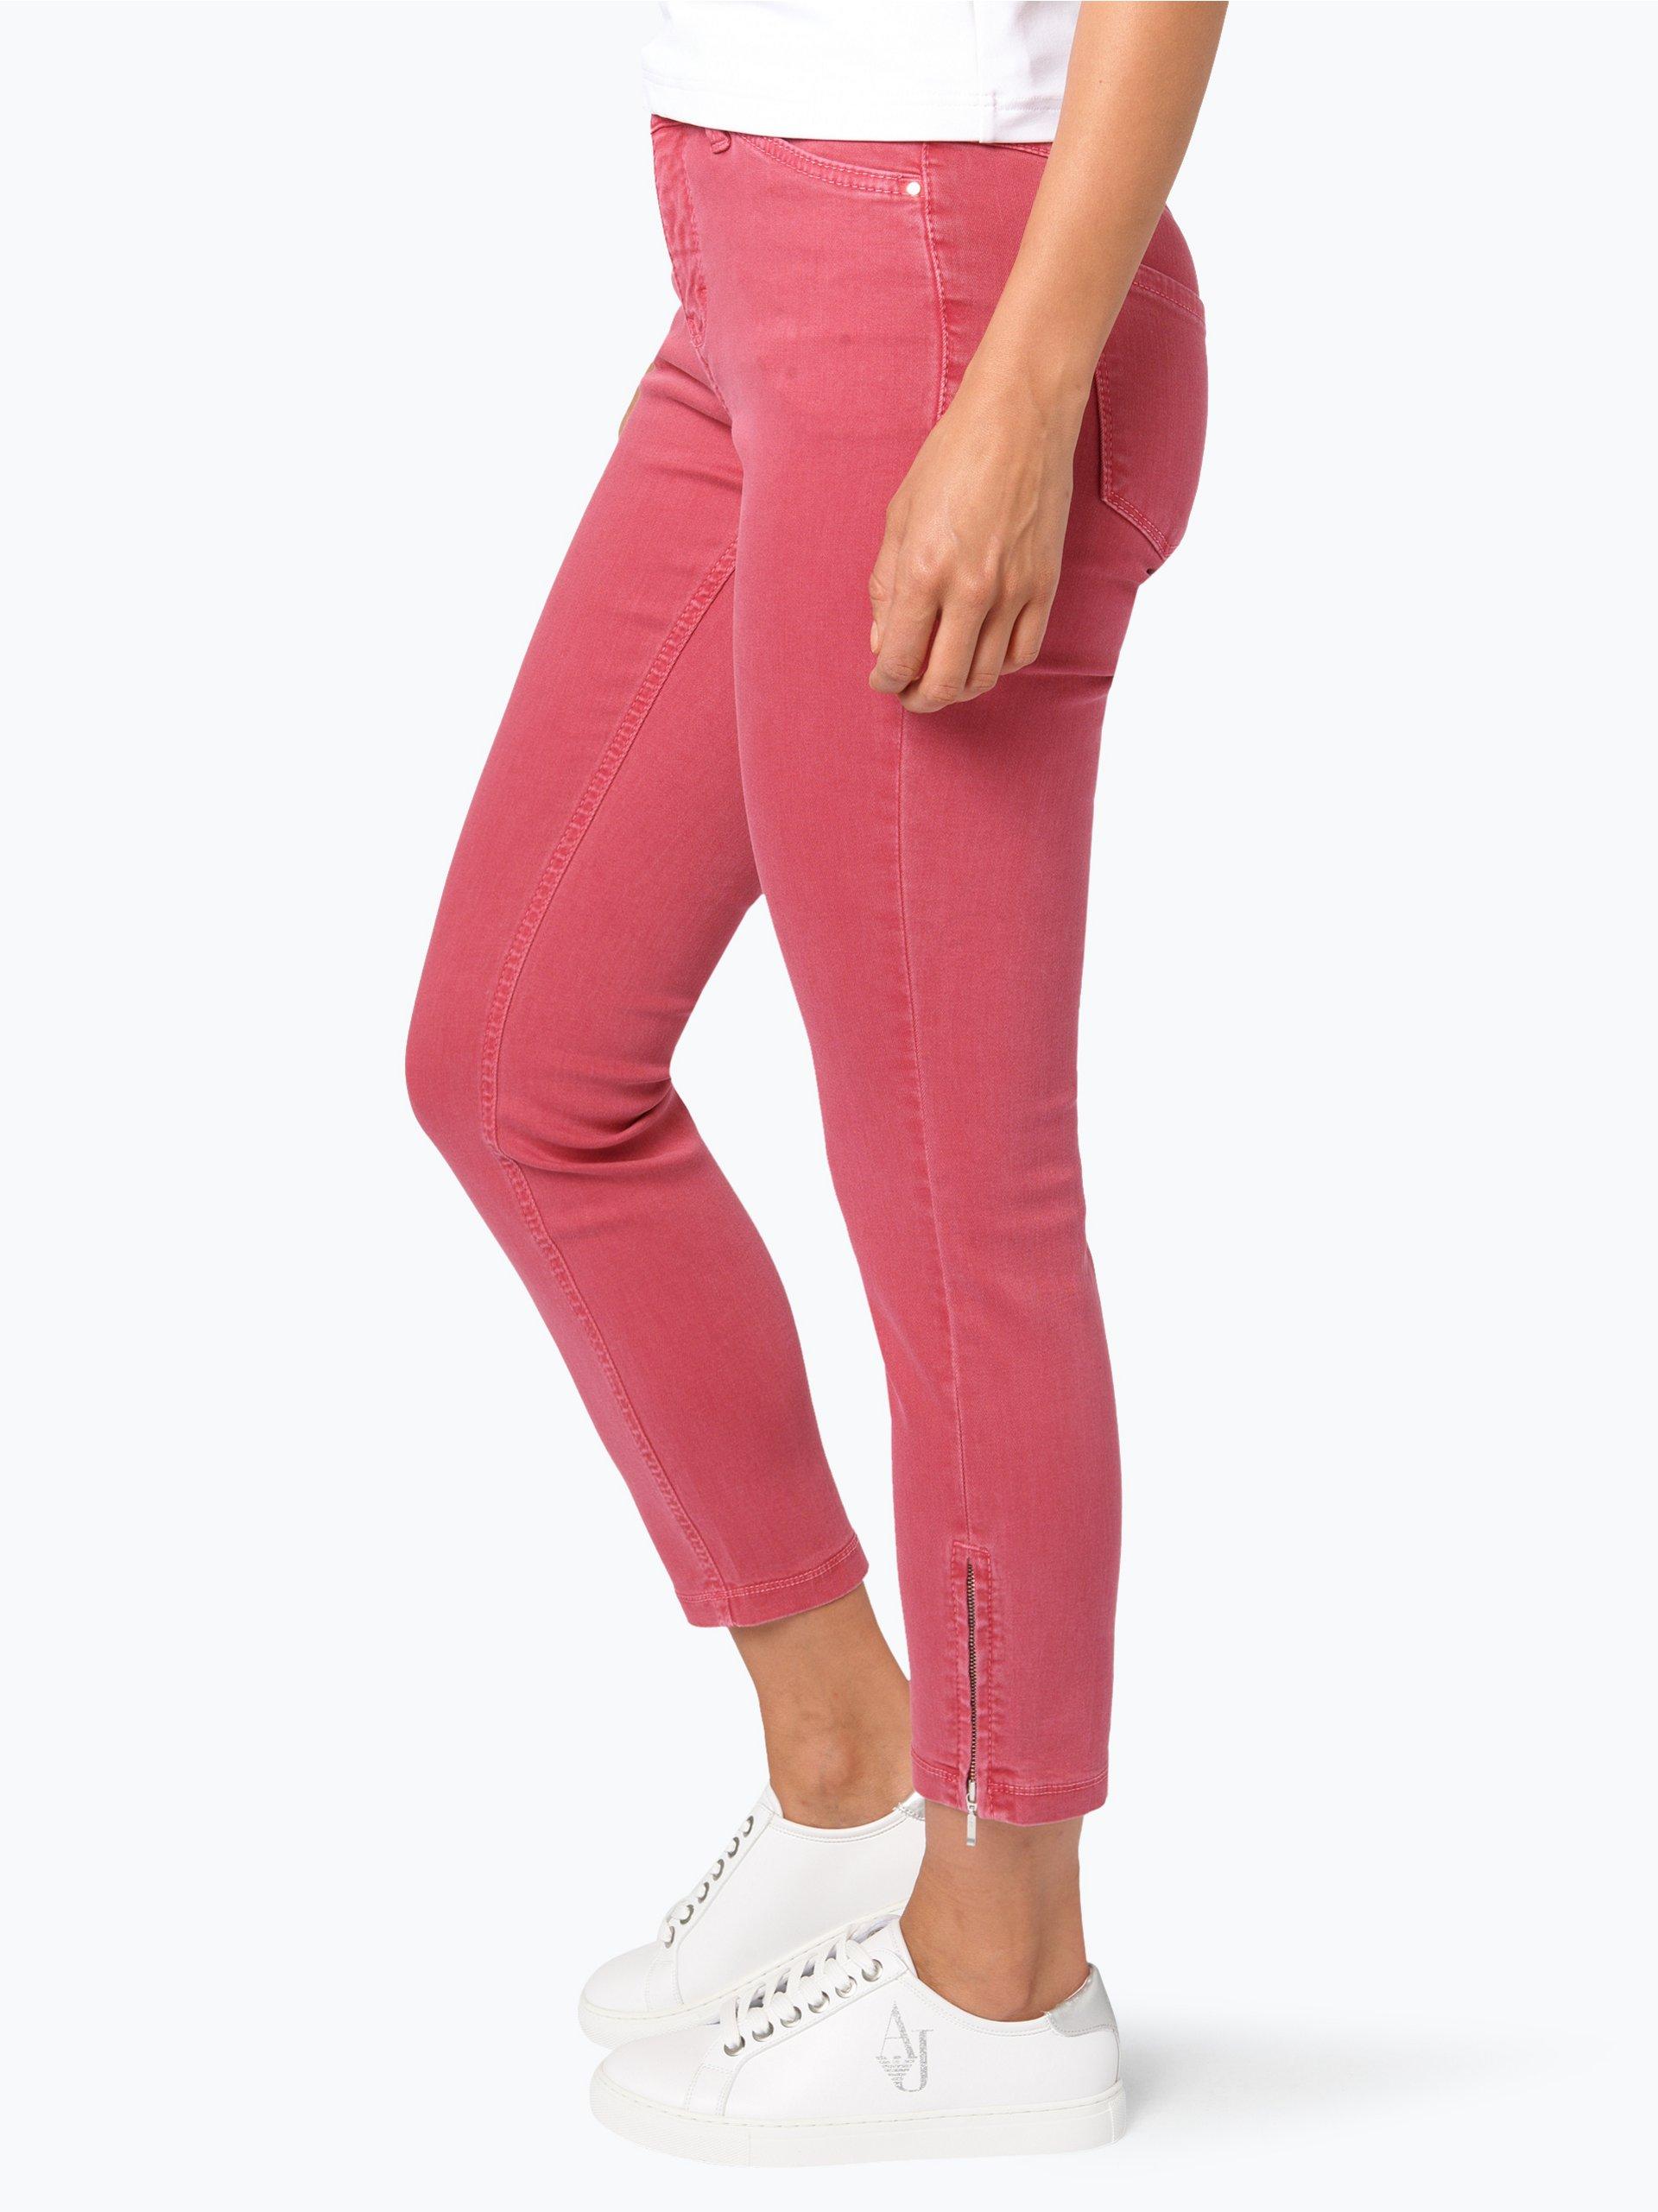 mac damen jeans dream summer chic fuchsia uni online kaufen peek und cloppenburg de. Black Bedroom Furniture Sets. Home Design Ideas